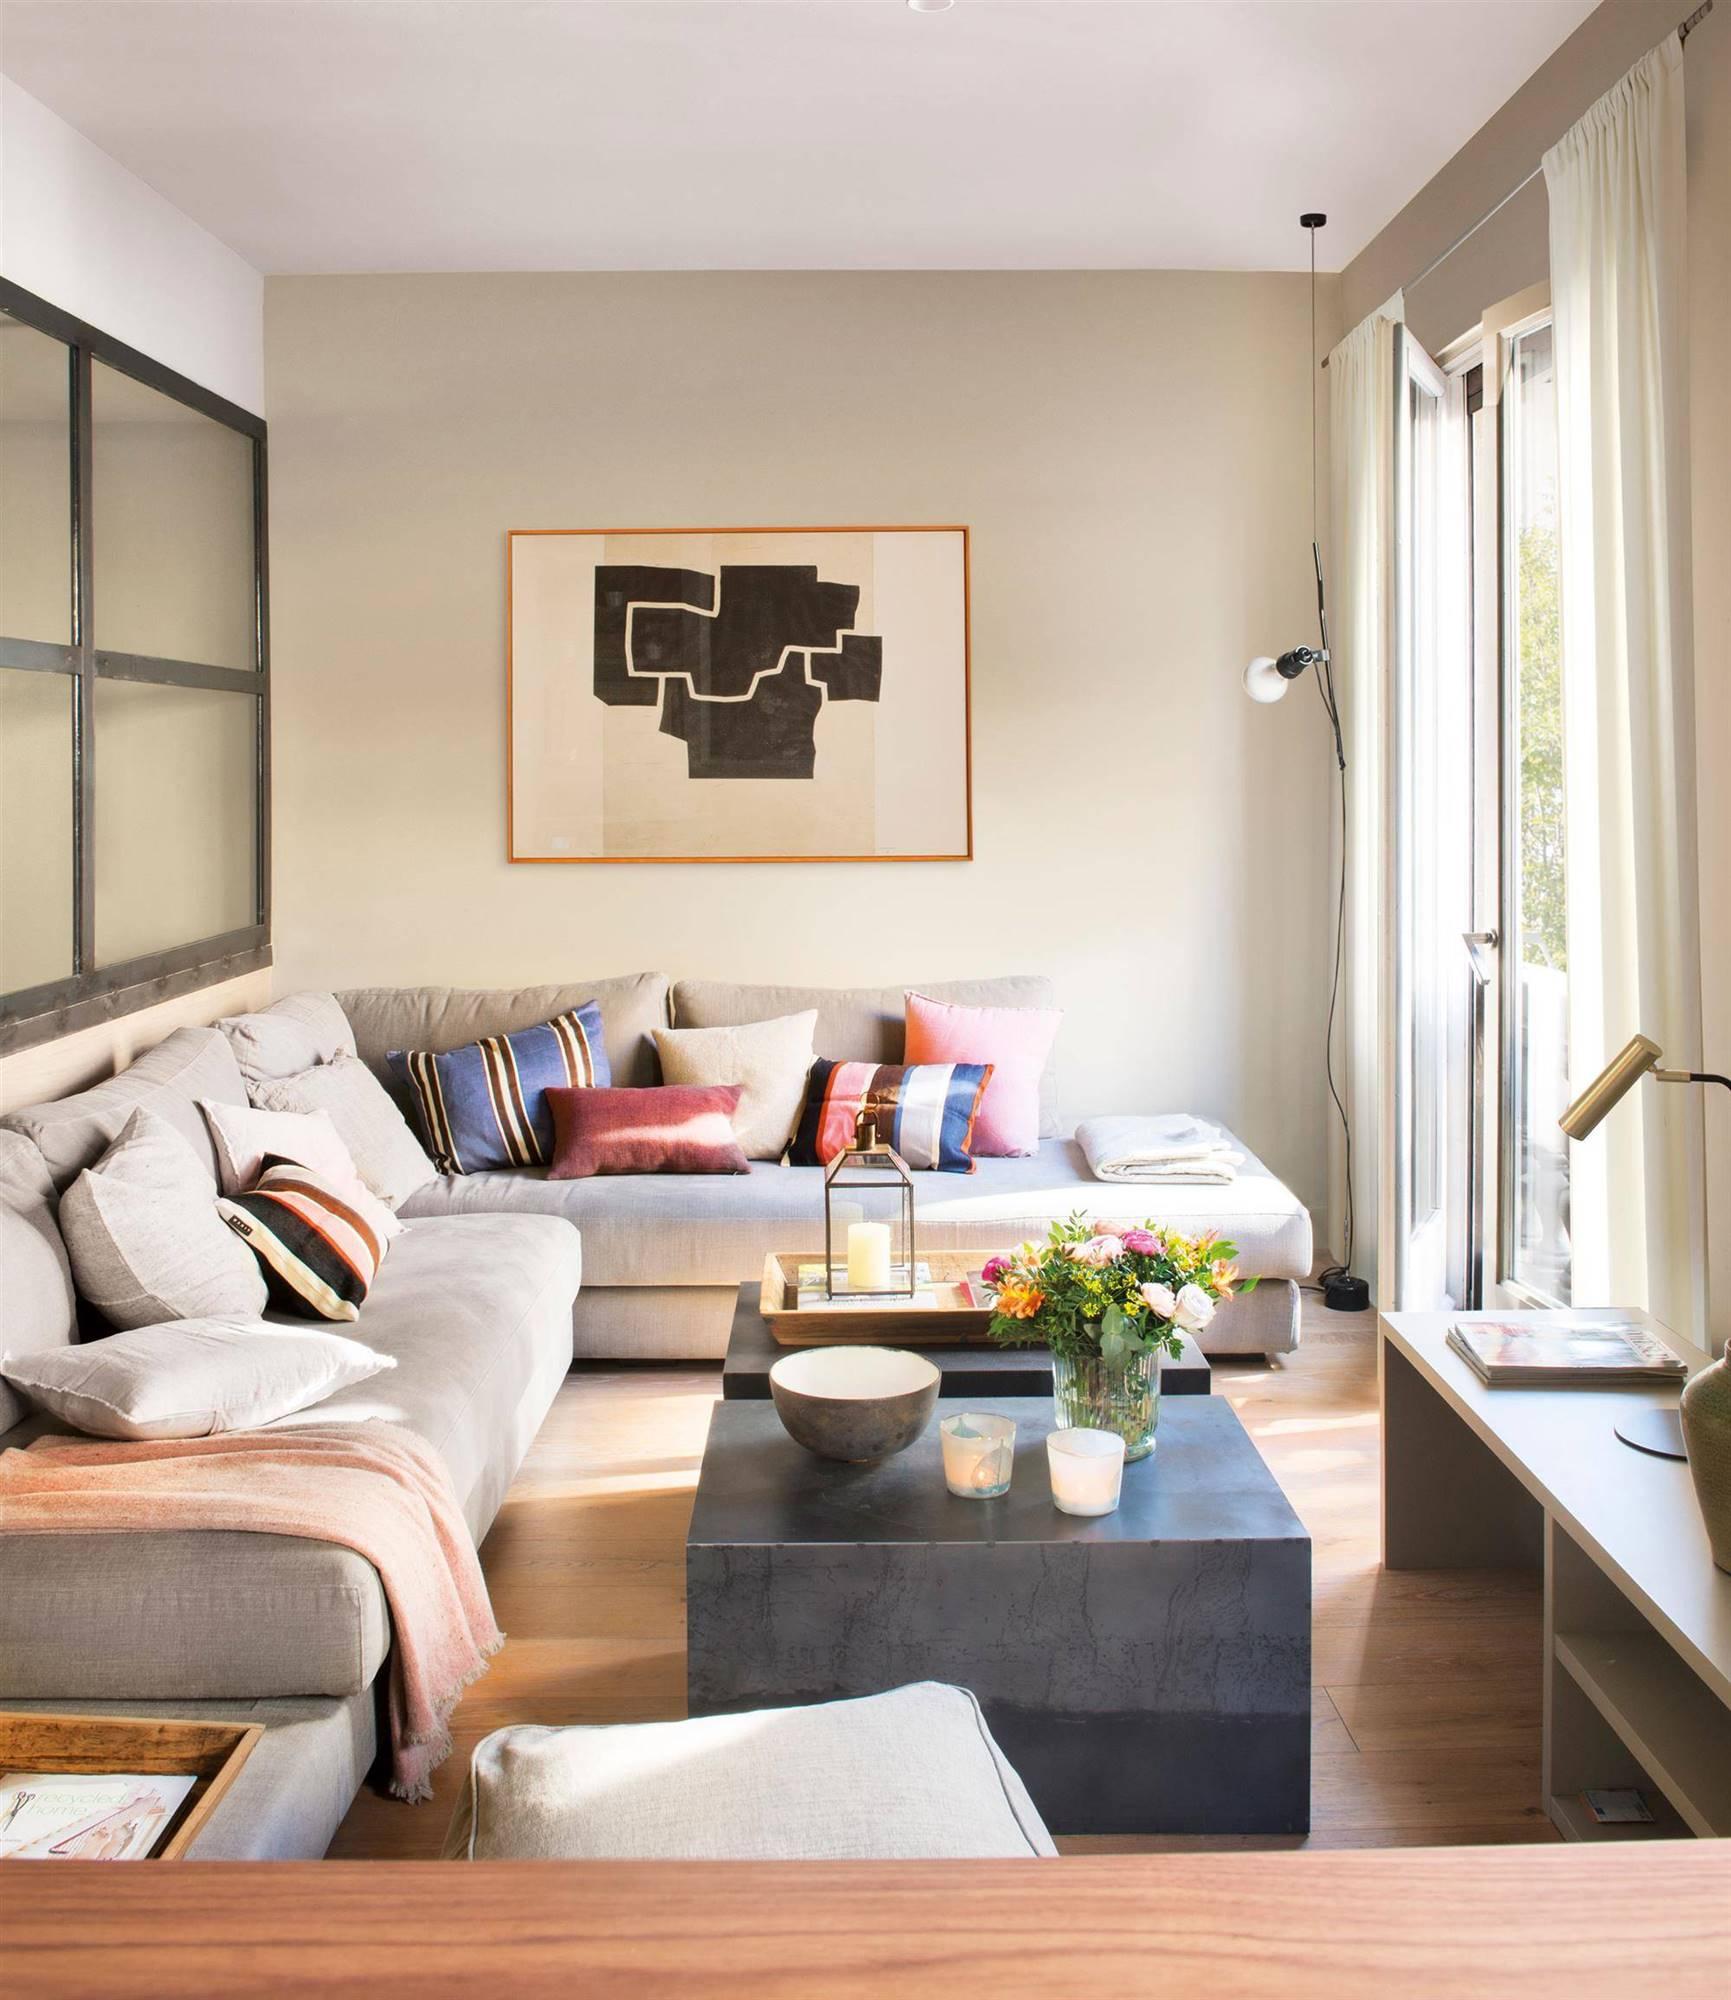 ideas pisos pequeños Decoracin Para Pisos Pequeos 50 Ideas Para Aprovechar El